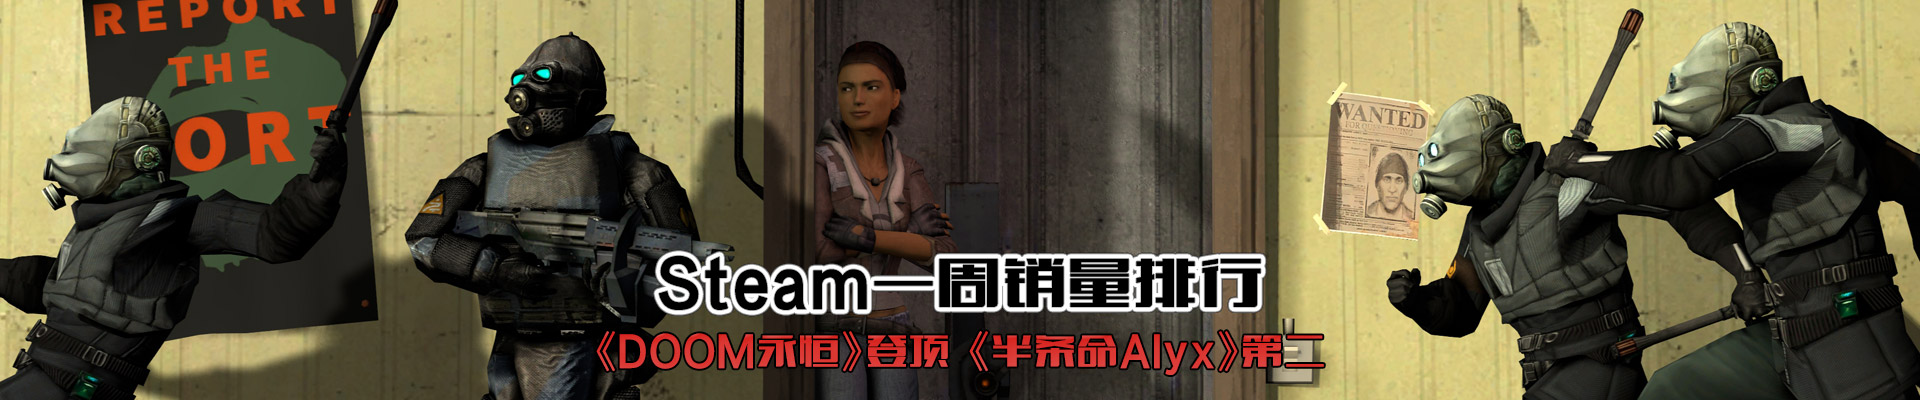 Steam周销量排行榜:《DOOM永恒》登顶 《半条命Alyx》第二